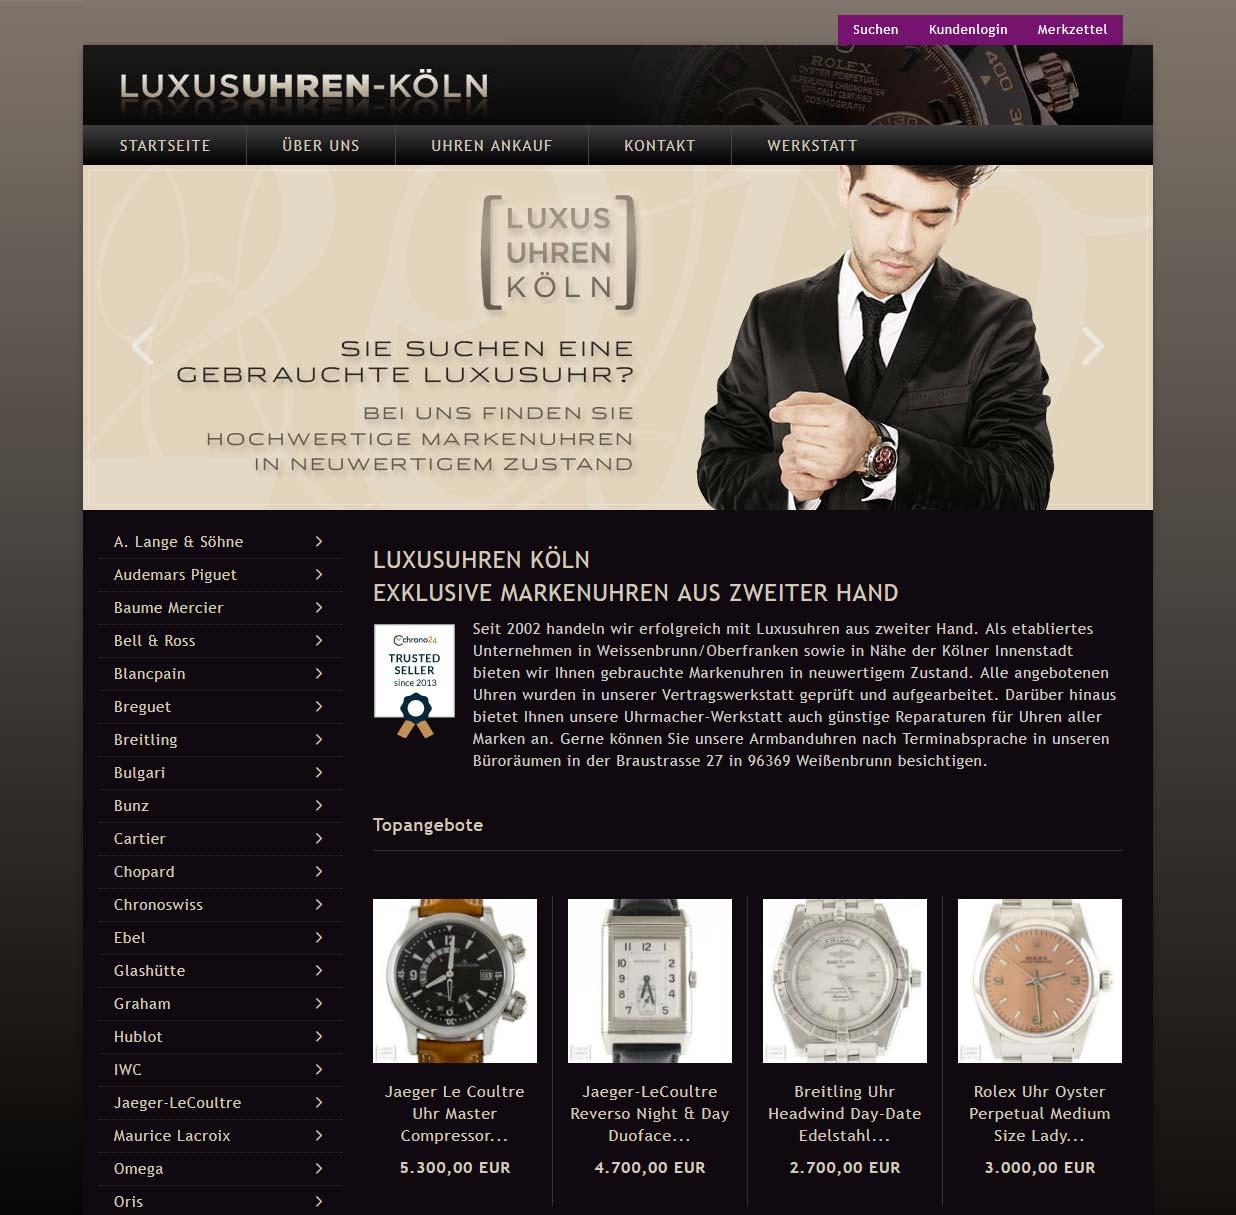 LUXUSUHREN Köln - neuer Webshop mit Gambio GX3